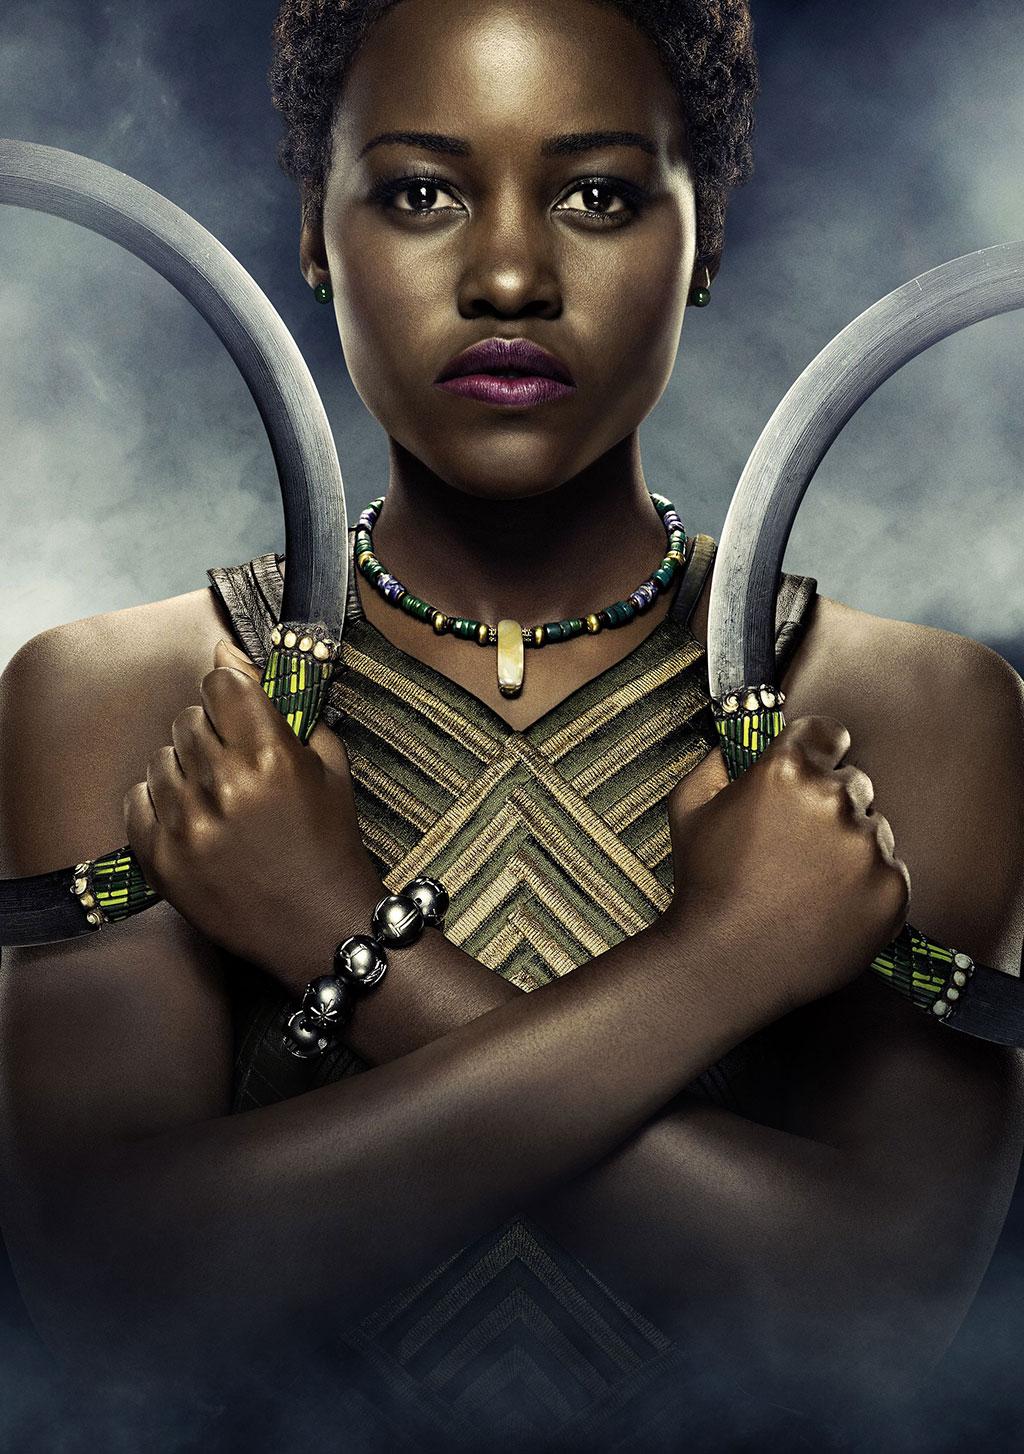 Lupita Nyong'o - Nakia Pantera Negra